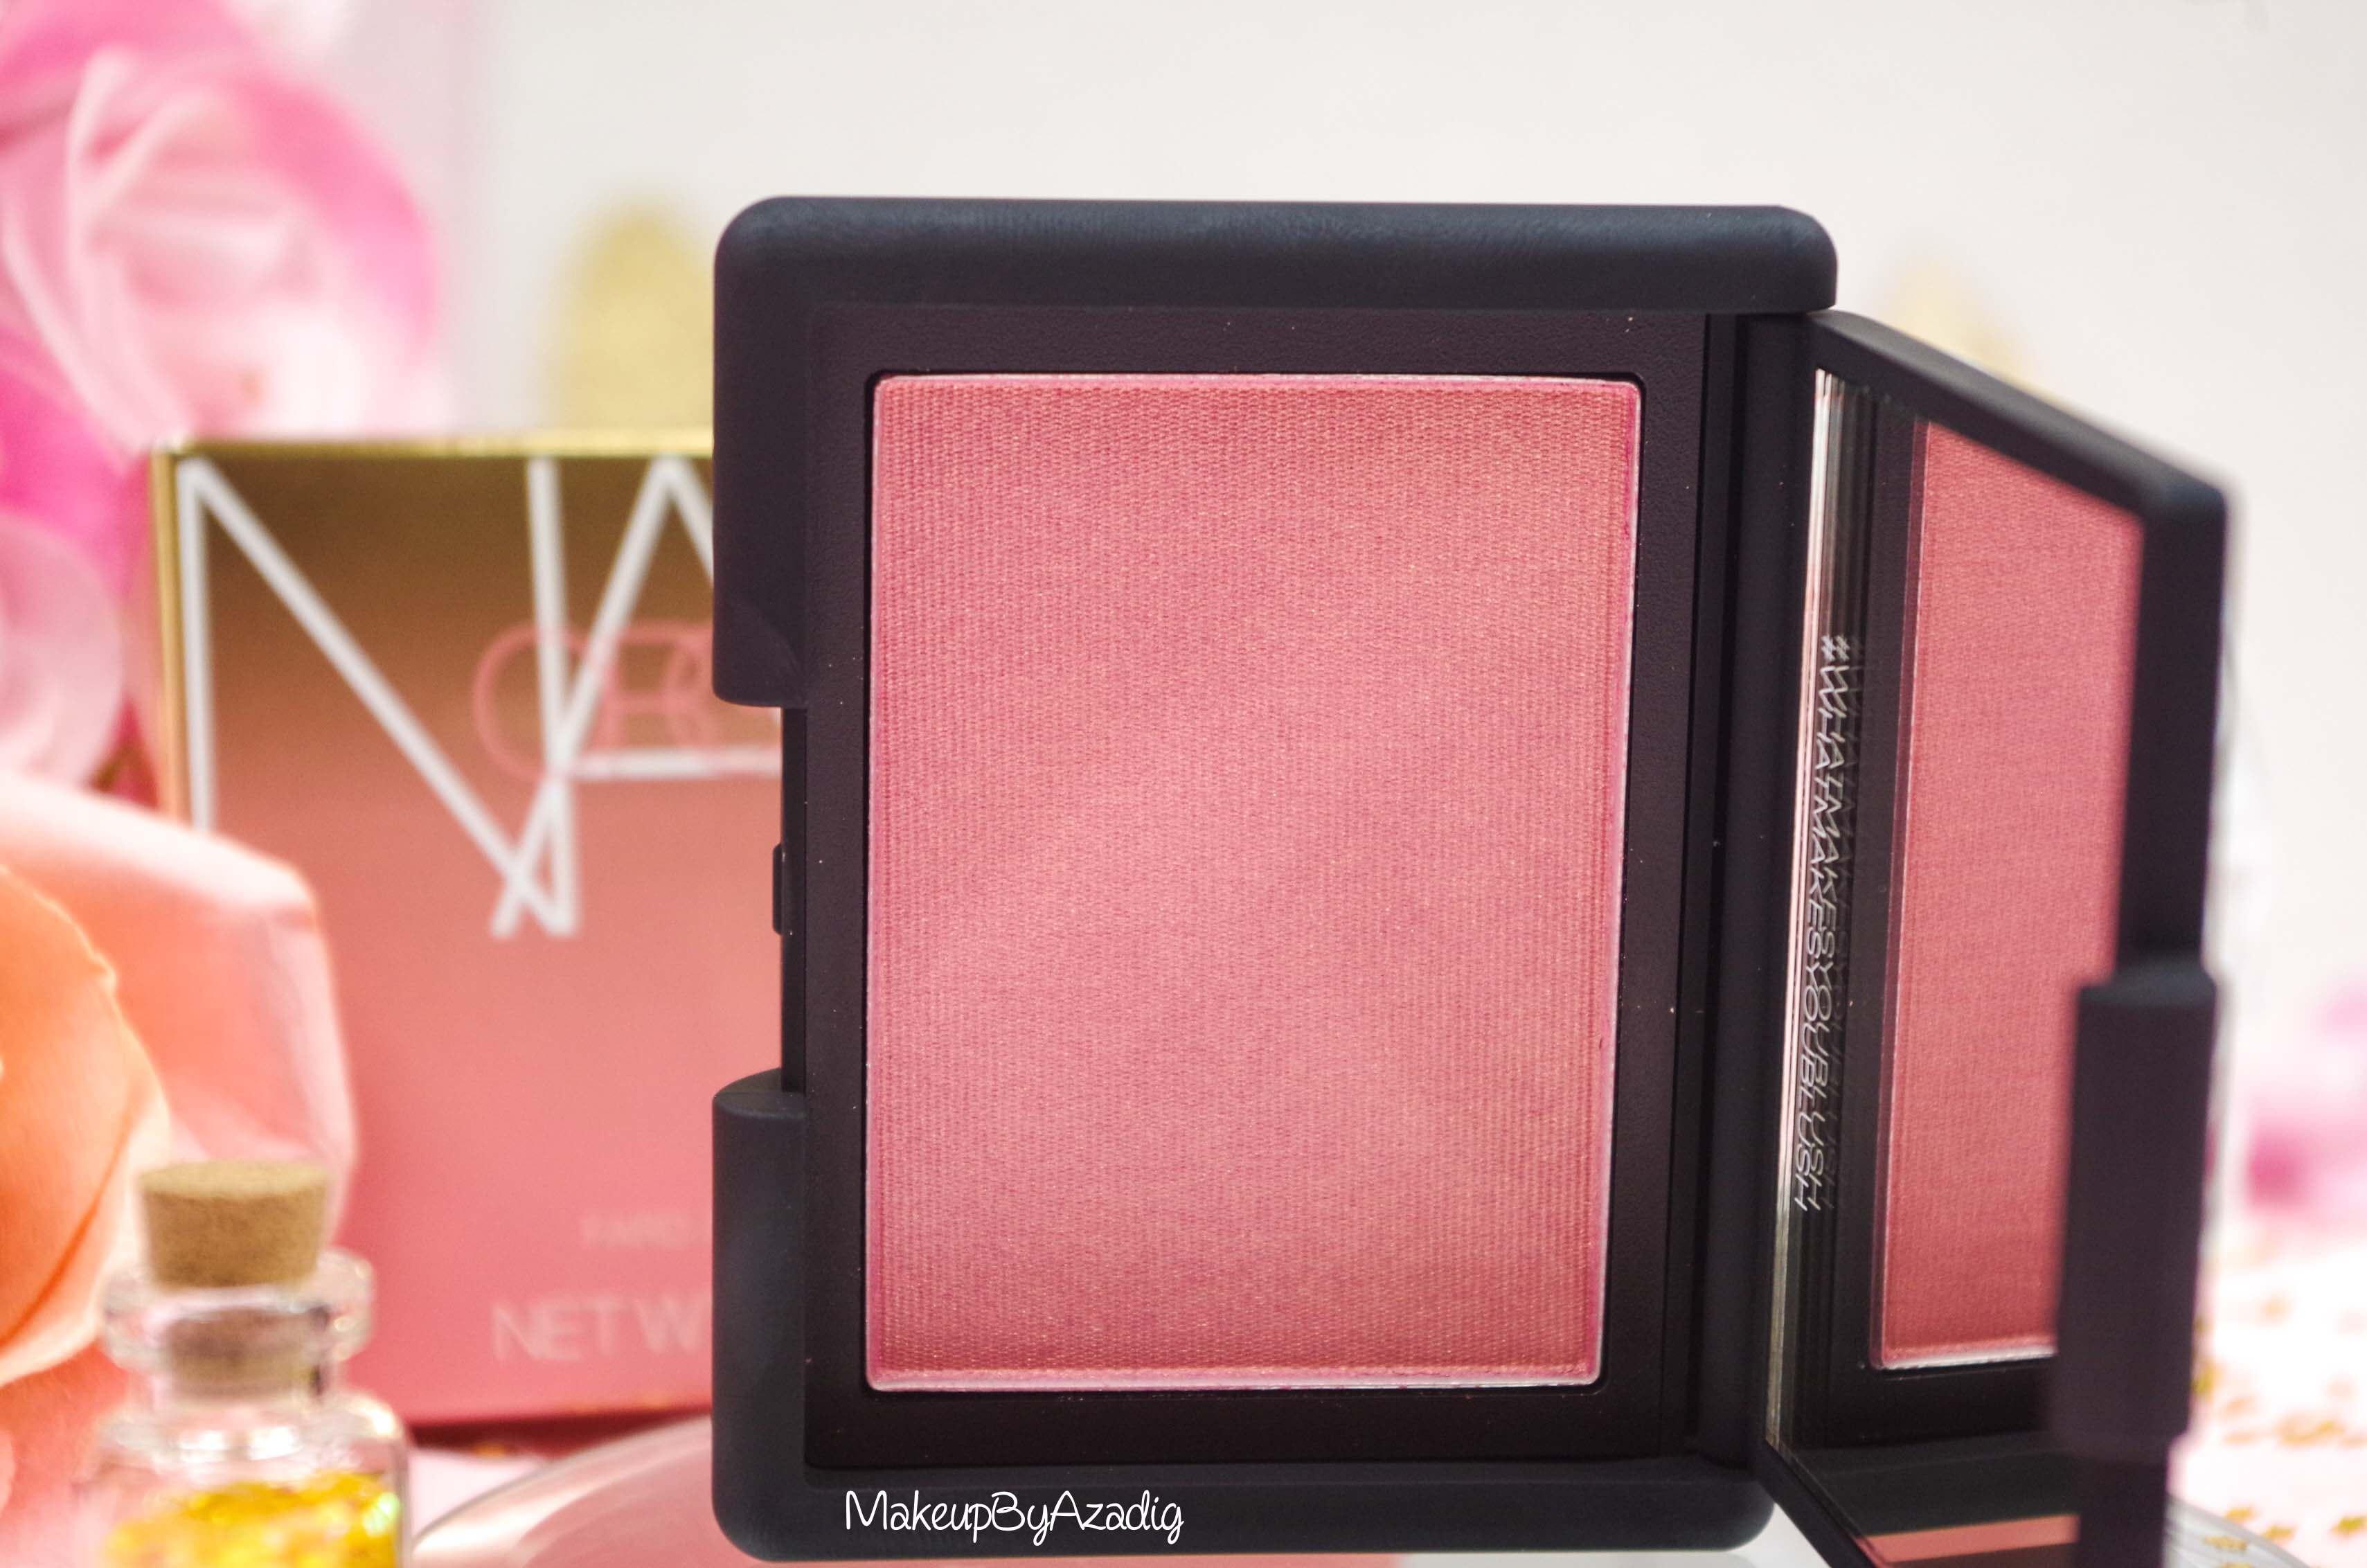 blush-liquide-orgasm-rouge-a-levres-illuminateur-highlighter-rosegold-nars-zoom-makeupbyazadig